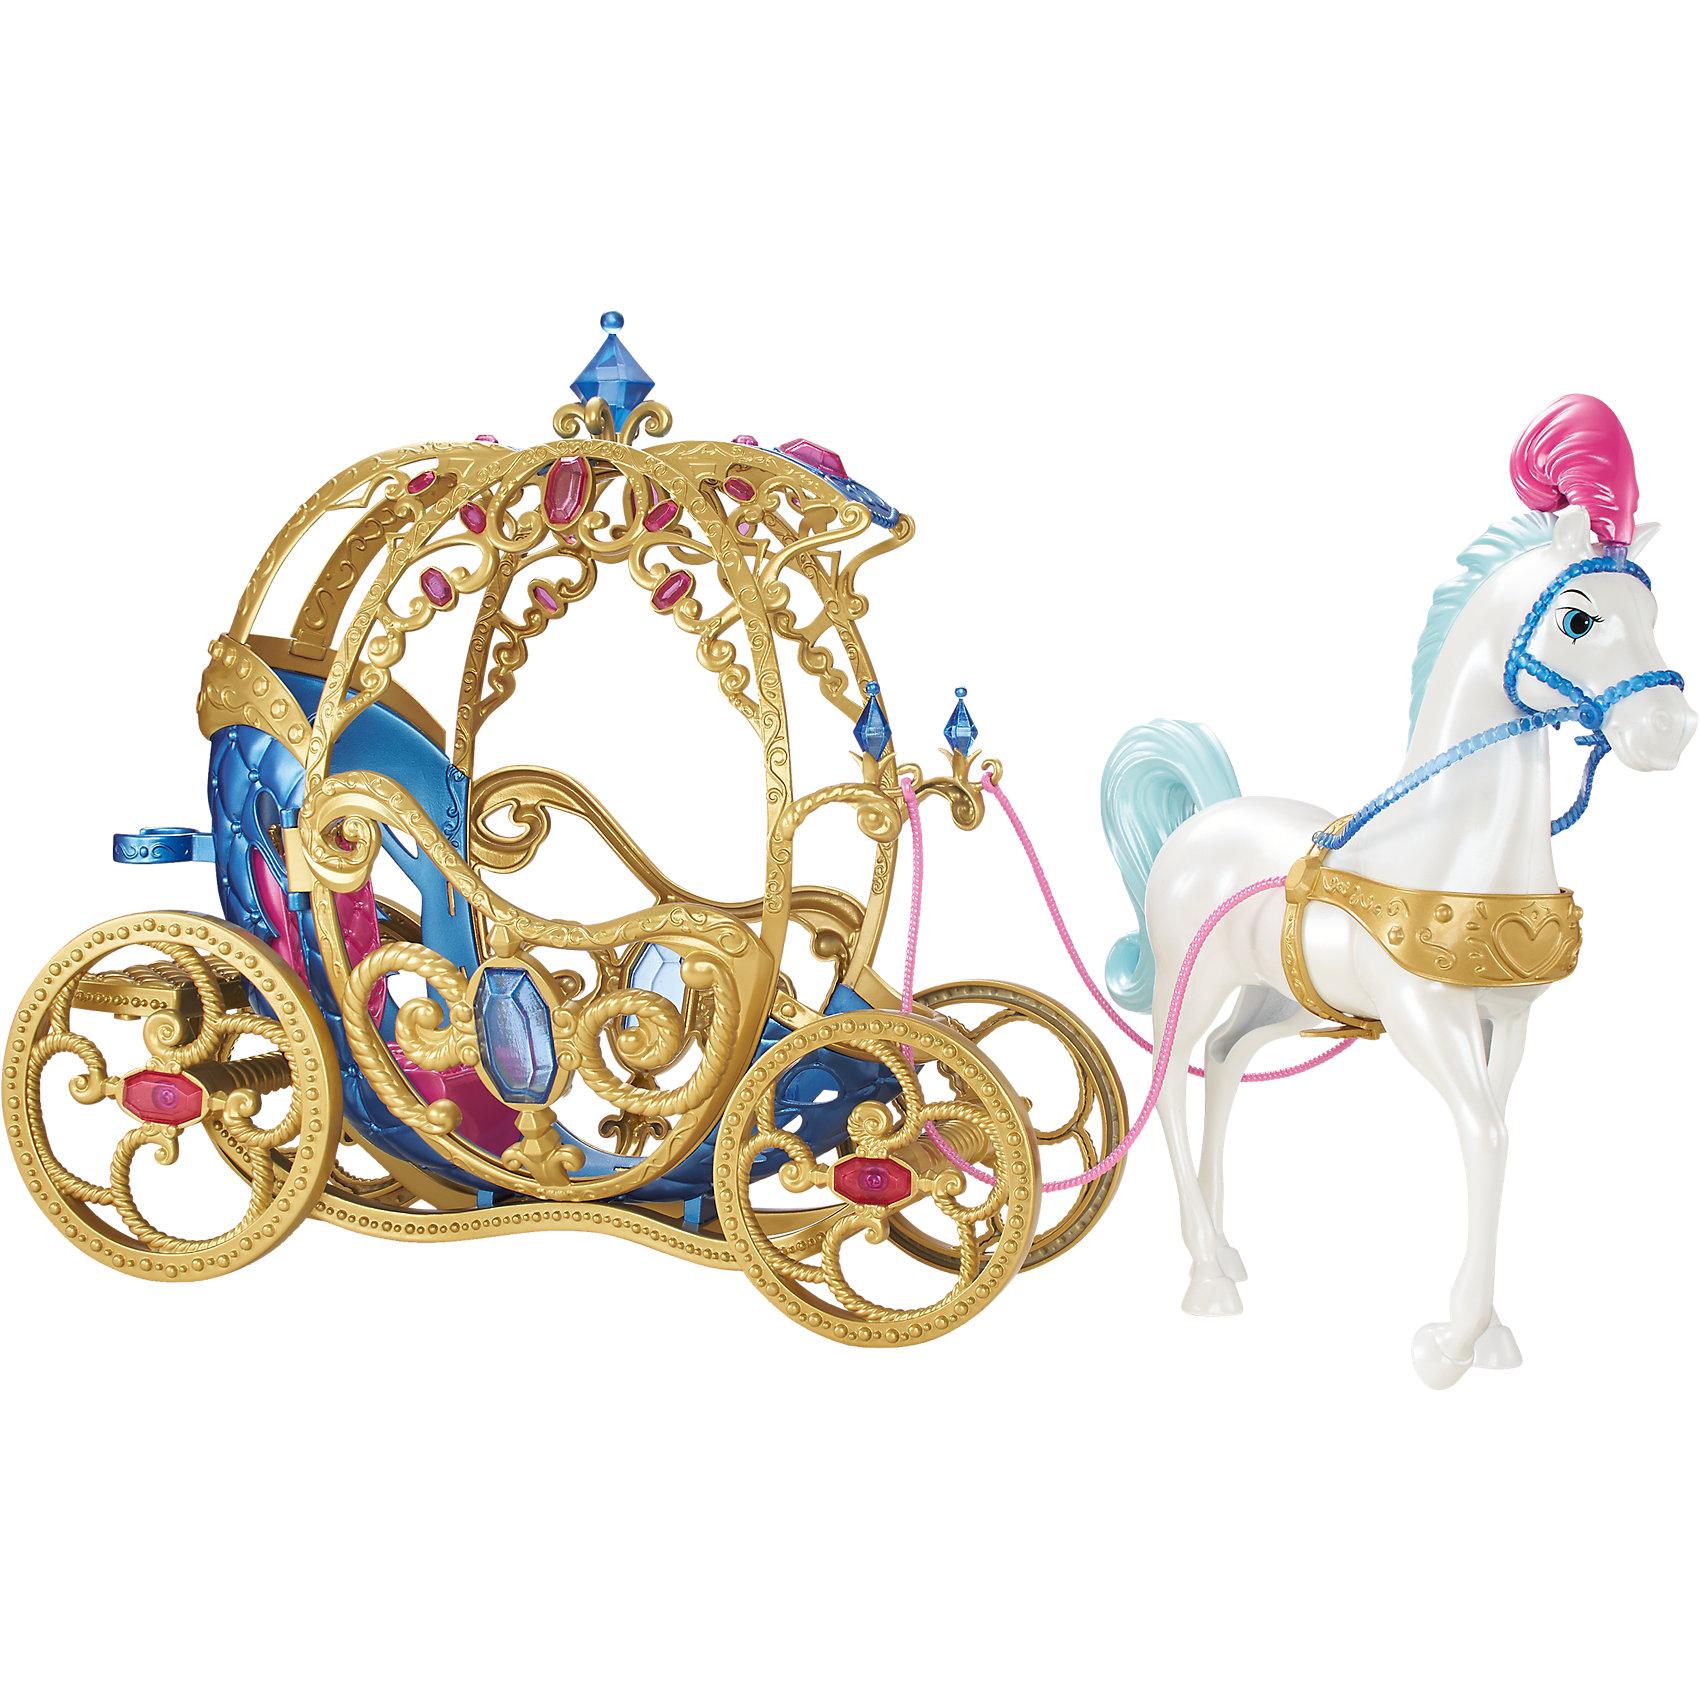 Лошадь с каретой для Золушки, Принцессы ДиснейИгрушки<br>Лошадь с каретой для Золушки, Disney Princess – это отличный подарок для вашей девочки!<br>Шикарный набор с лошадью и каретой для Золушки – это то, с чего начнется путешествие на бал вашей любимой куклы. Карета выполнена очень качественно, вы не устанете любоваться ее витиеватым декором и реалистичными самоцветами, которыми она украшена. Внутри удобное место, куда помещается одна любая кукла, ростом до 30 см. Большие золоченые колеса кареты крутятся при движении. В королевский кортеж впряжен белоснежный конь. Он украшен праздничной сбруей и плюмажем с розовыми перьями. Ножки лошади неподвижны.<br><br>Дополнительная информация:<br><br>- В наборе: карета, лошадь<br>- Материал: высококачественный пластик<br>- Размер упаковки: 410x150x320 мм.<br>- Вес: 530 гр.<br><br>Лошадь с каретой для Золушки, Disney Princess можно купить в нашем интернет-магазине.<br><br>Ширина мм: 411<br>Глубина мм: 327<br>Высота мм: 144<br>Вес г: 1046<br>Возраст от месяцев: 36<br>Возраст до месяцев: 72<br>Пол: Женский<br>Возраст: Детский<br>SKU: 4012928